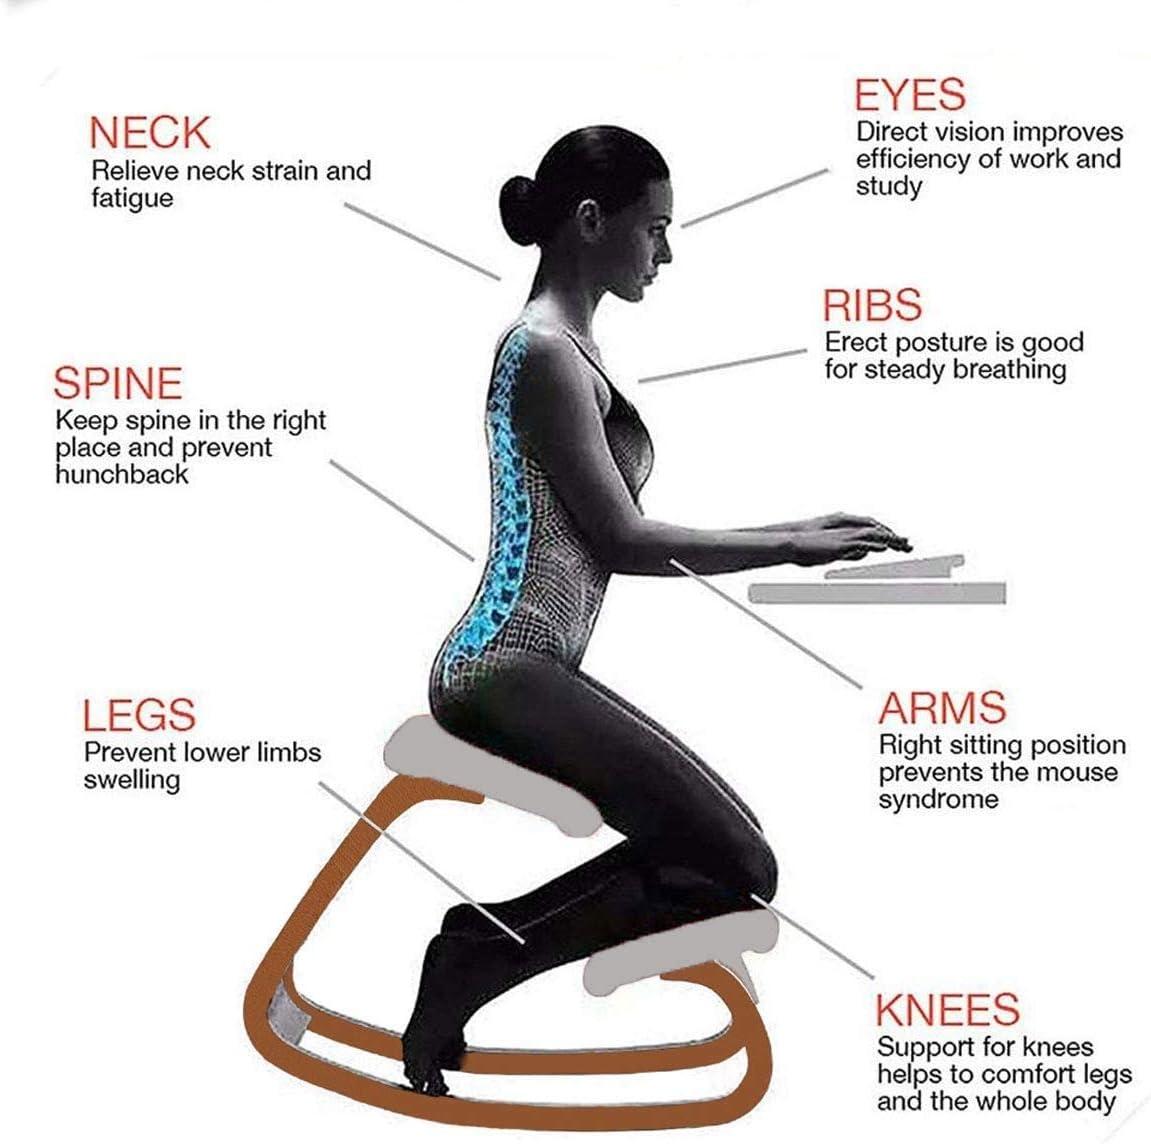 SMLZV Genoux Chaise, Chaise Design ergonomique, Chaise à bascule en bois for Back Pain Relief, Chaise de bureau Tabouret confortable for Body Shaping (Color : B) B